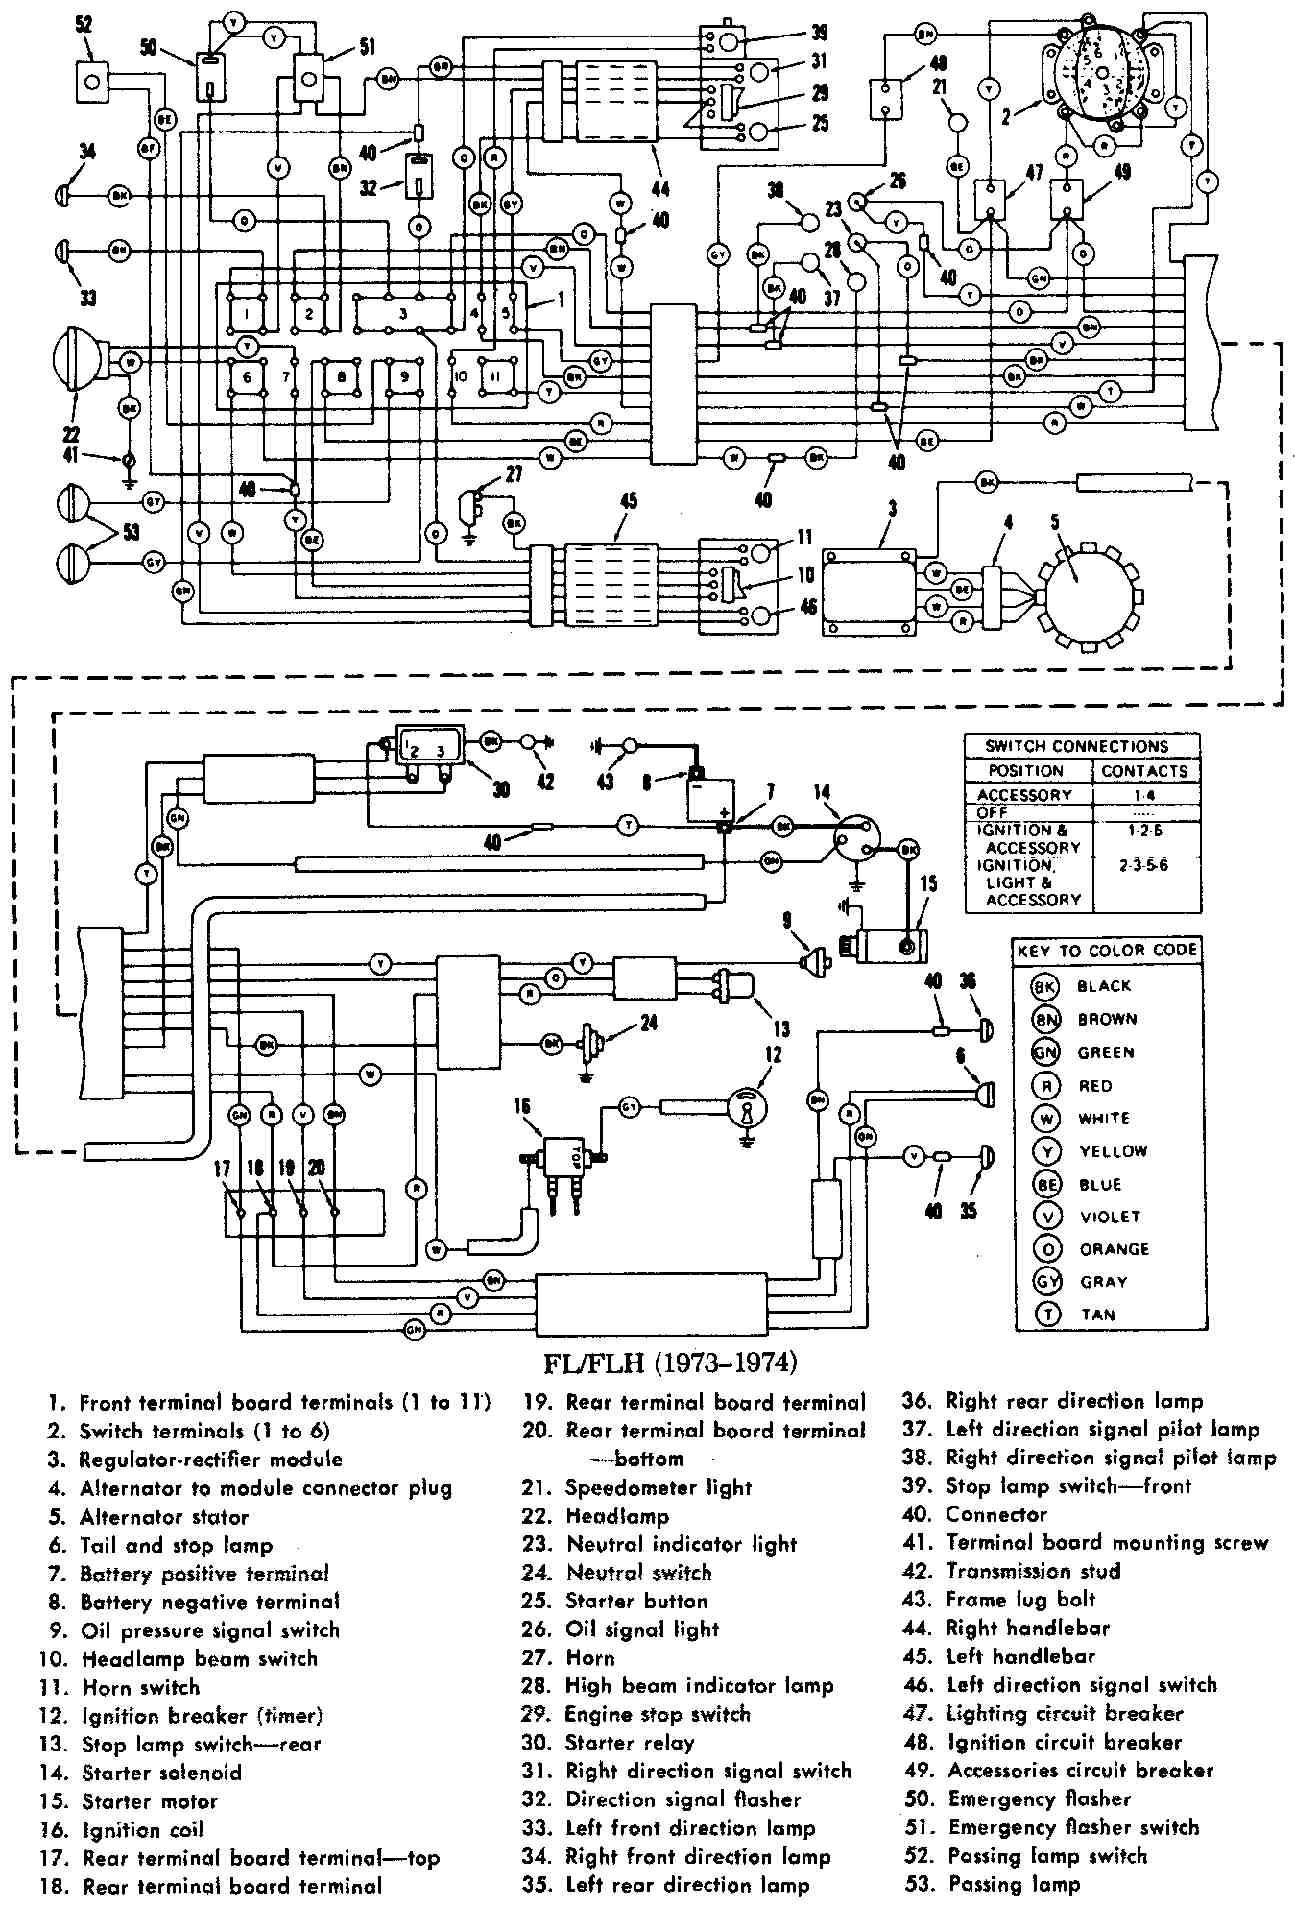 fxef wiring diagram wiring diagram expert fxef wiring diagram [ 1295 x 1907 Pixel ]